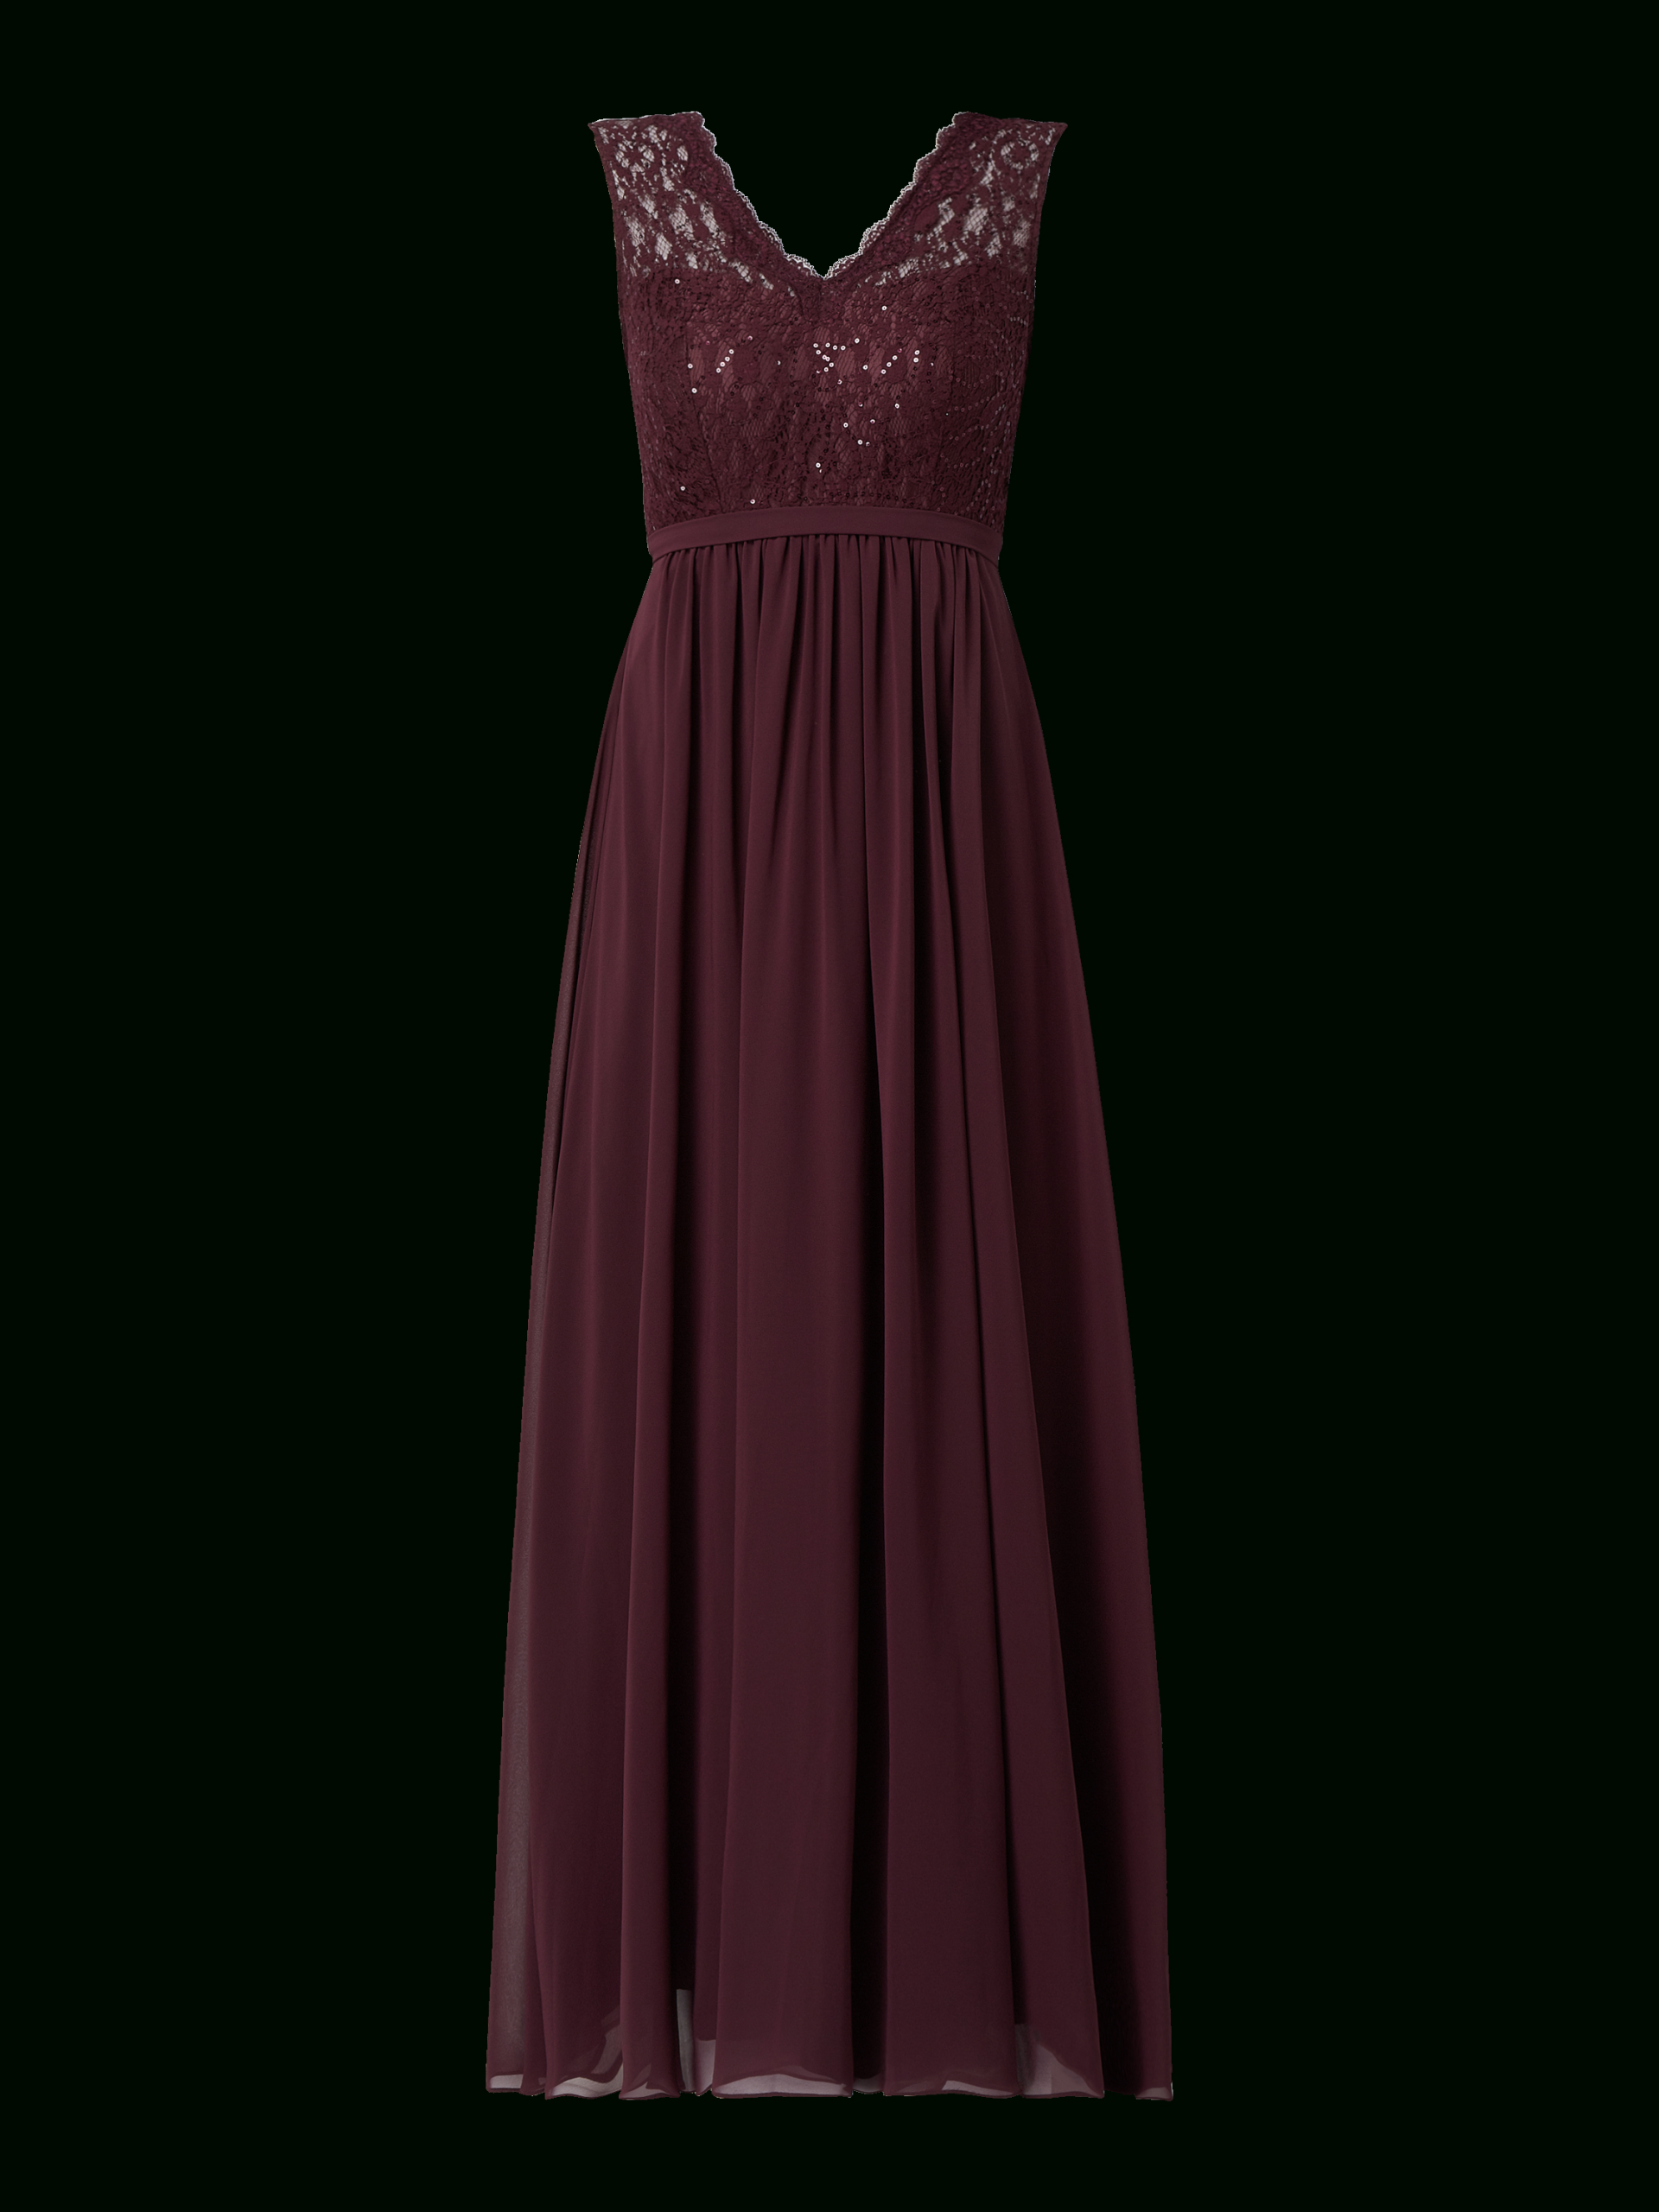 10 Leicht Peek Und Cloppenburg Abendkleider Vertrieb - Abendkleid